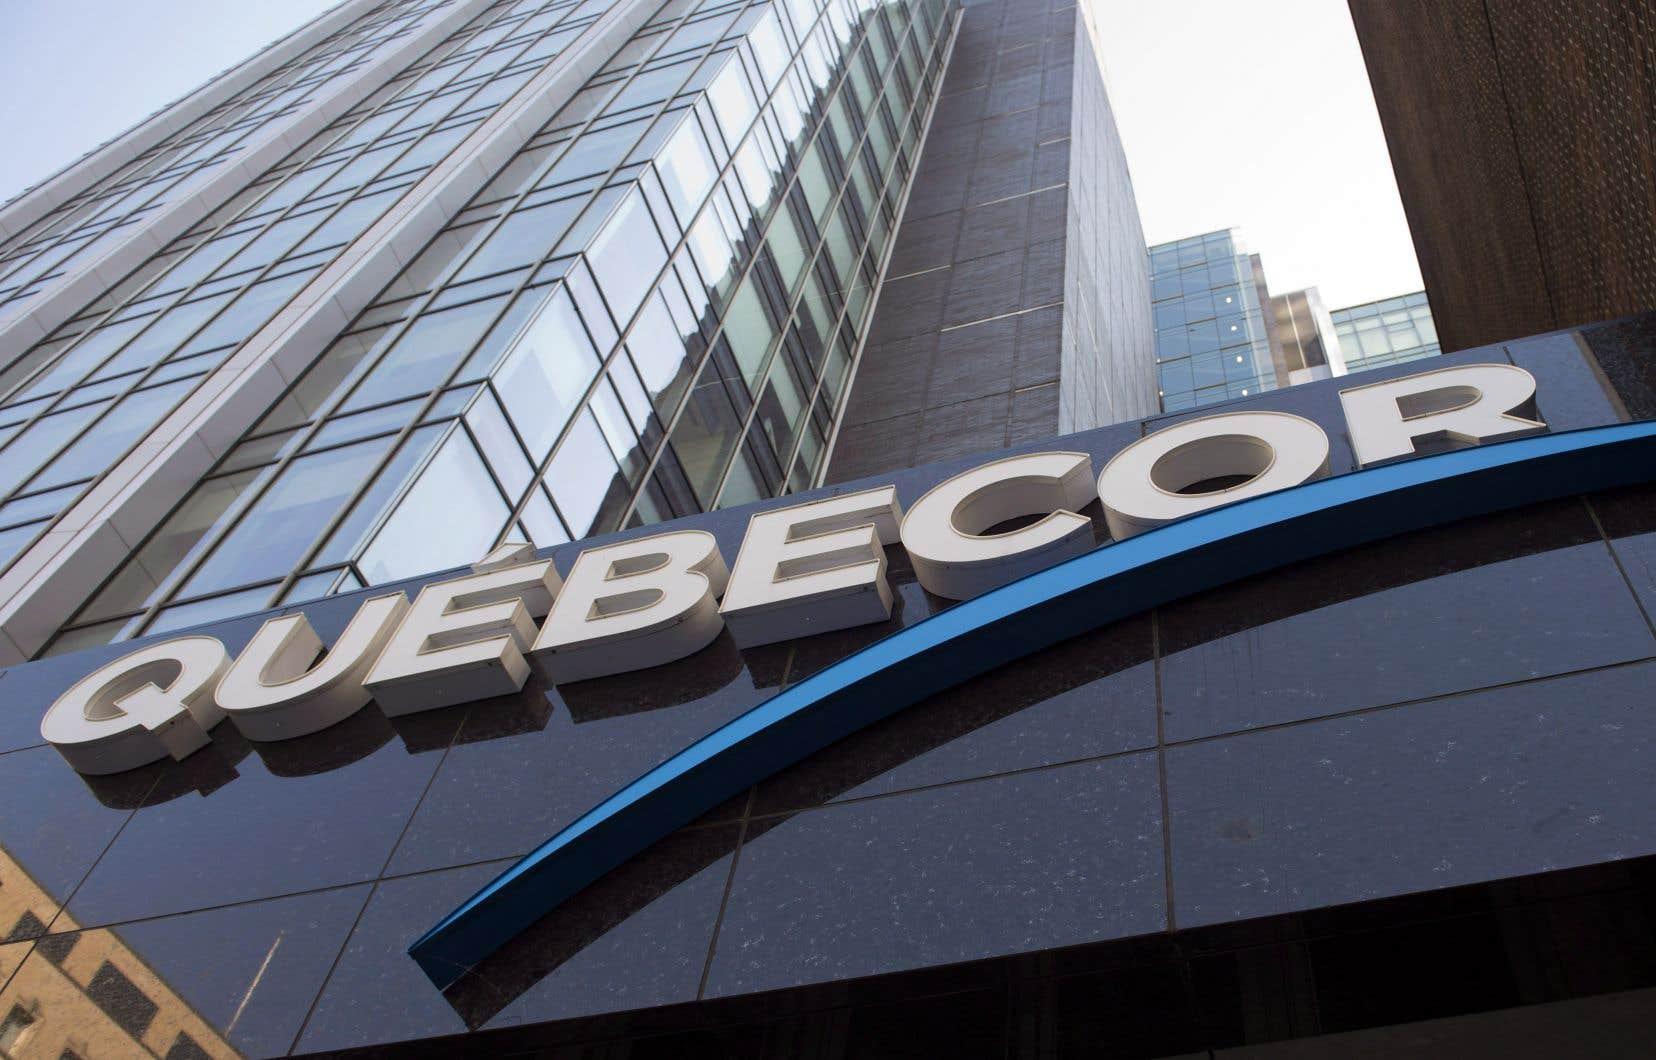 Les revenus de Québecor se sont élevés à 1,09milliard au plus récent trimestre, comparativement à 1,05milliard un an plus tôt, une hausse de 3,4%.